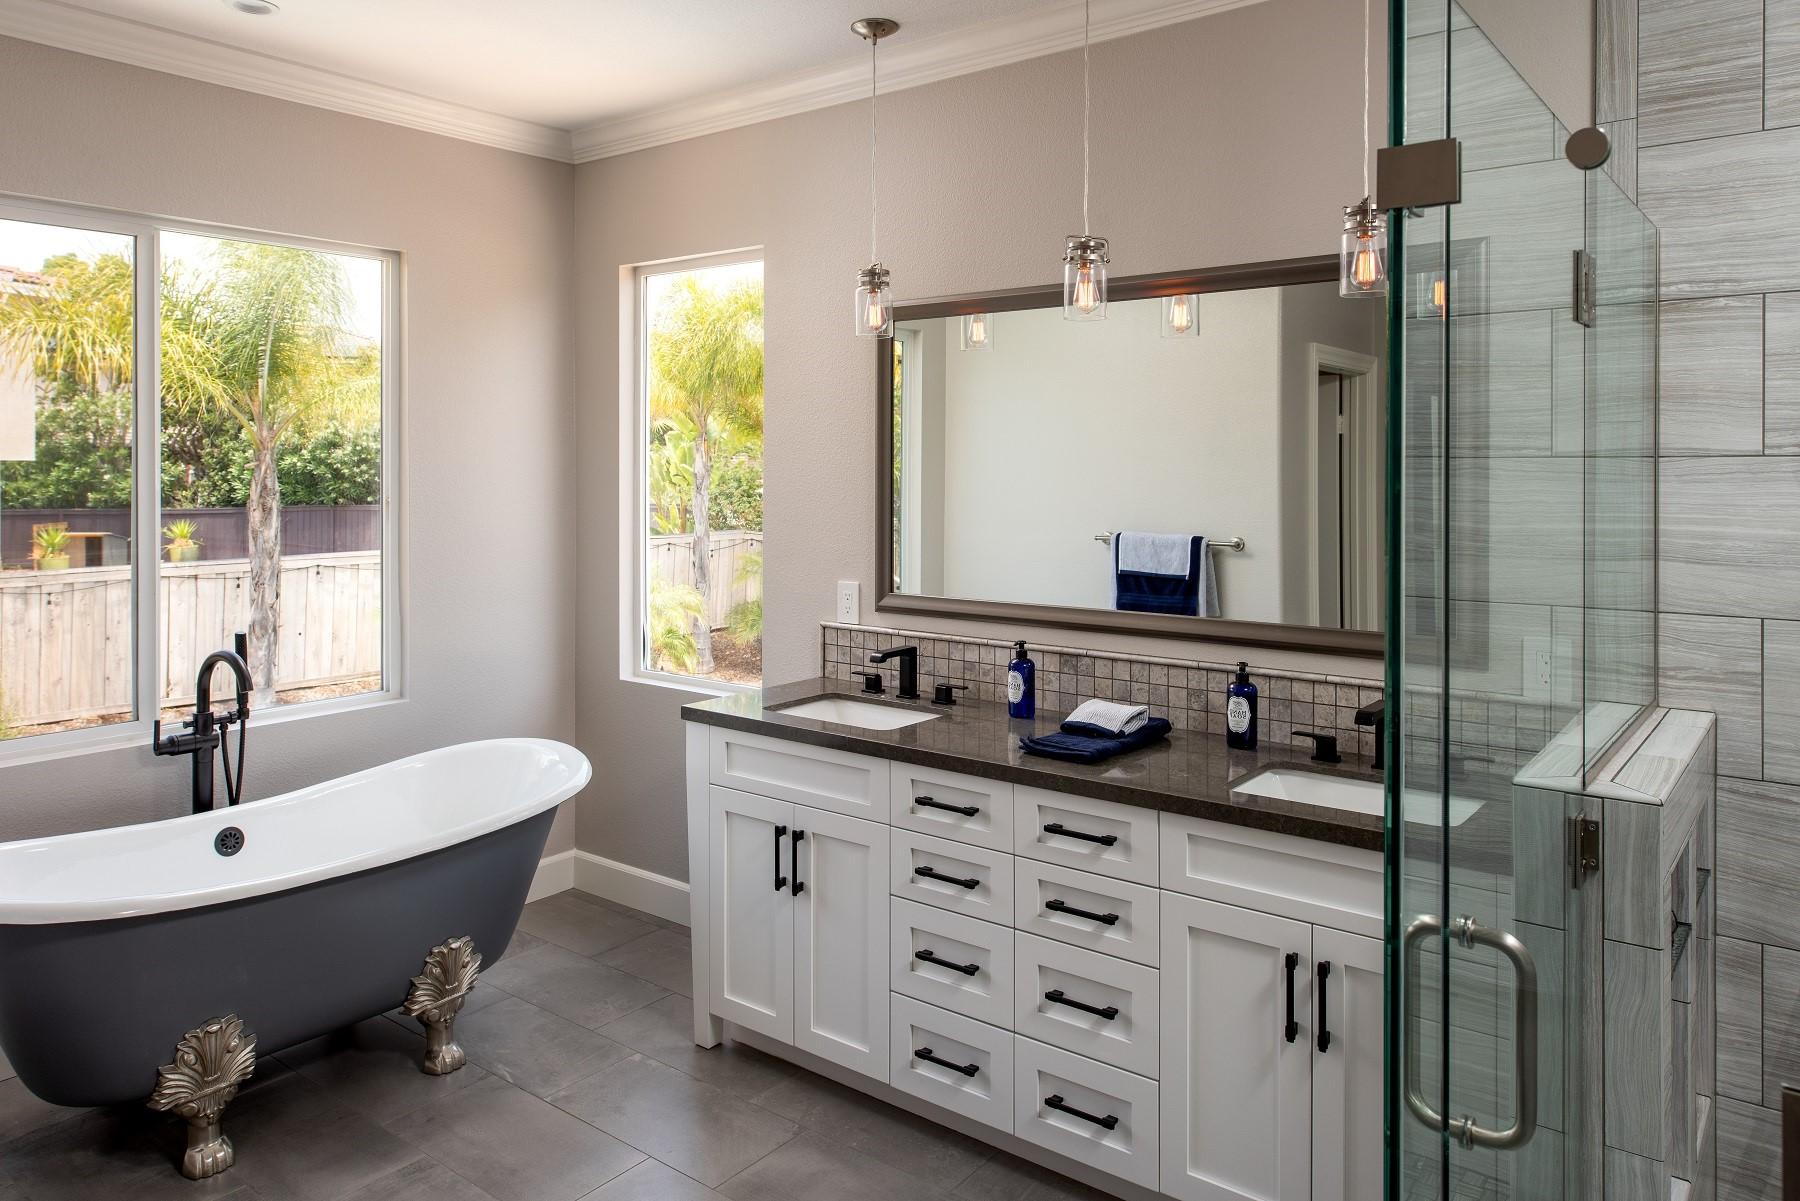 Salle de bains élégante.